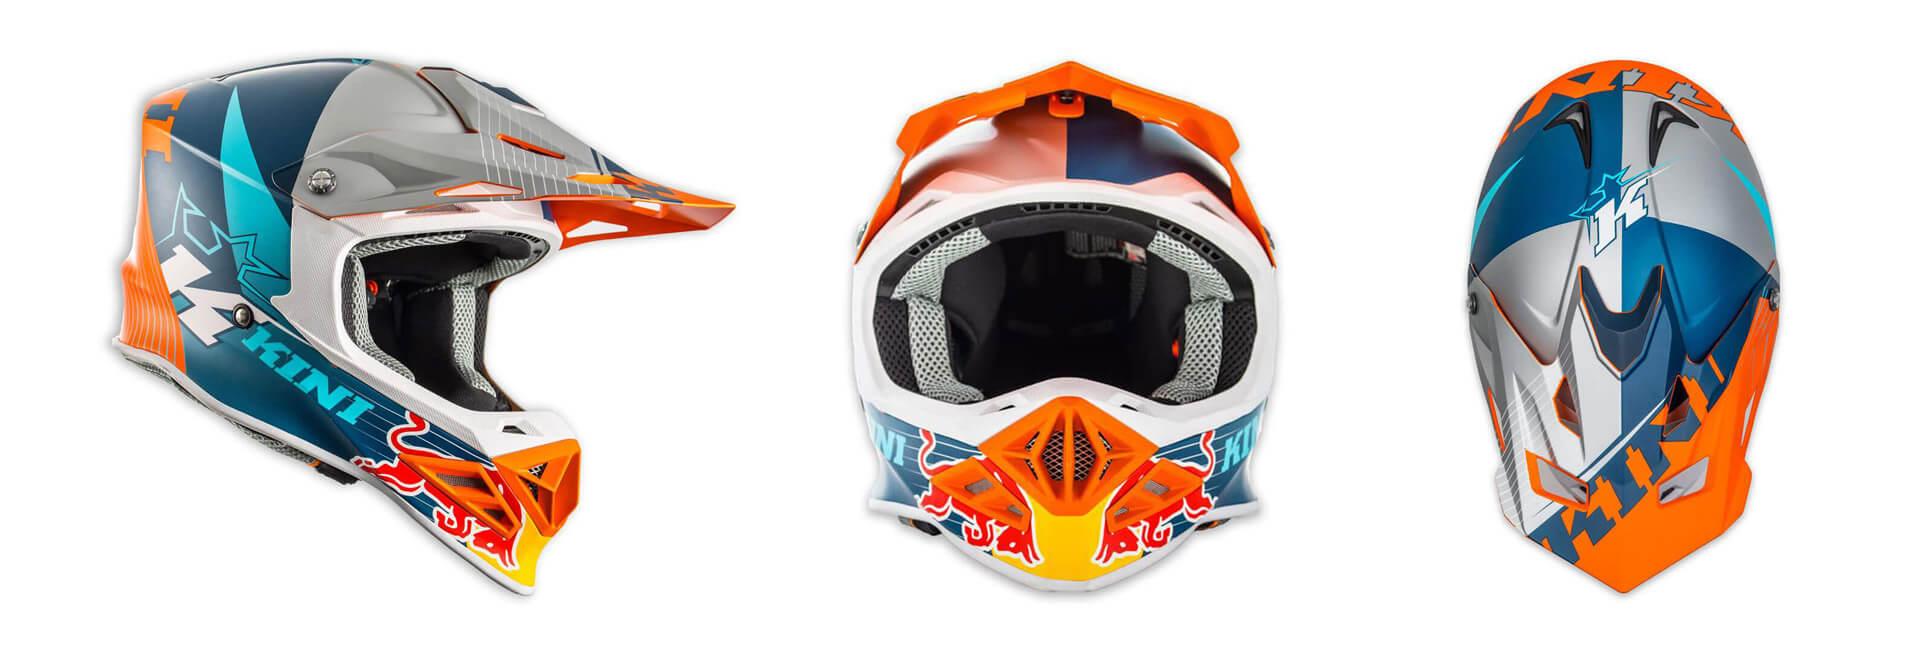 kini-red-bull-motocross-competition-helm-ansichten